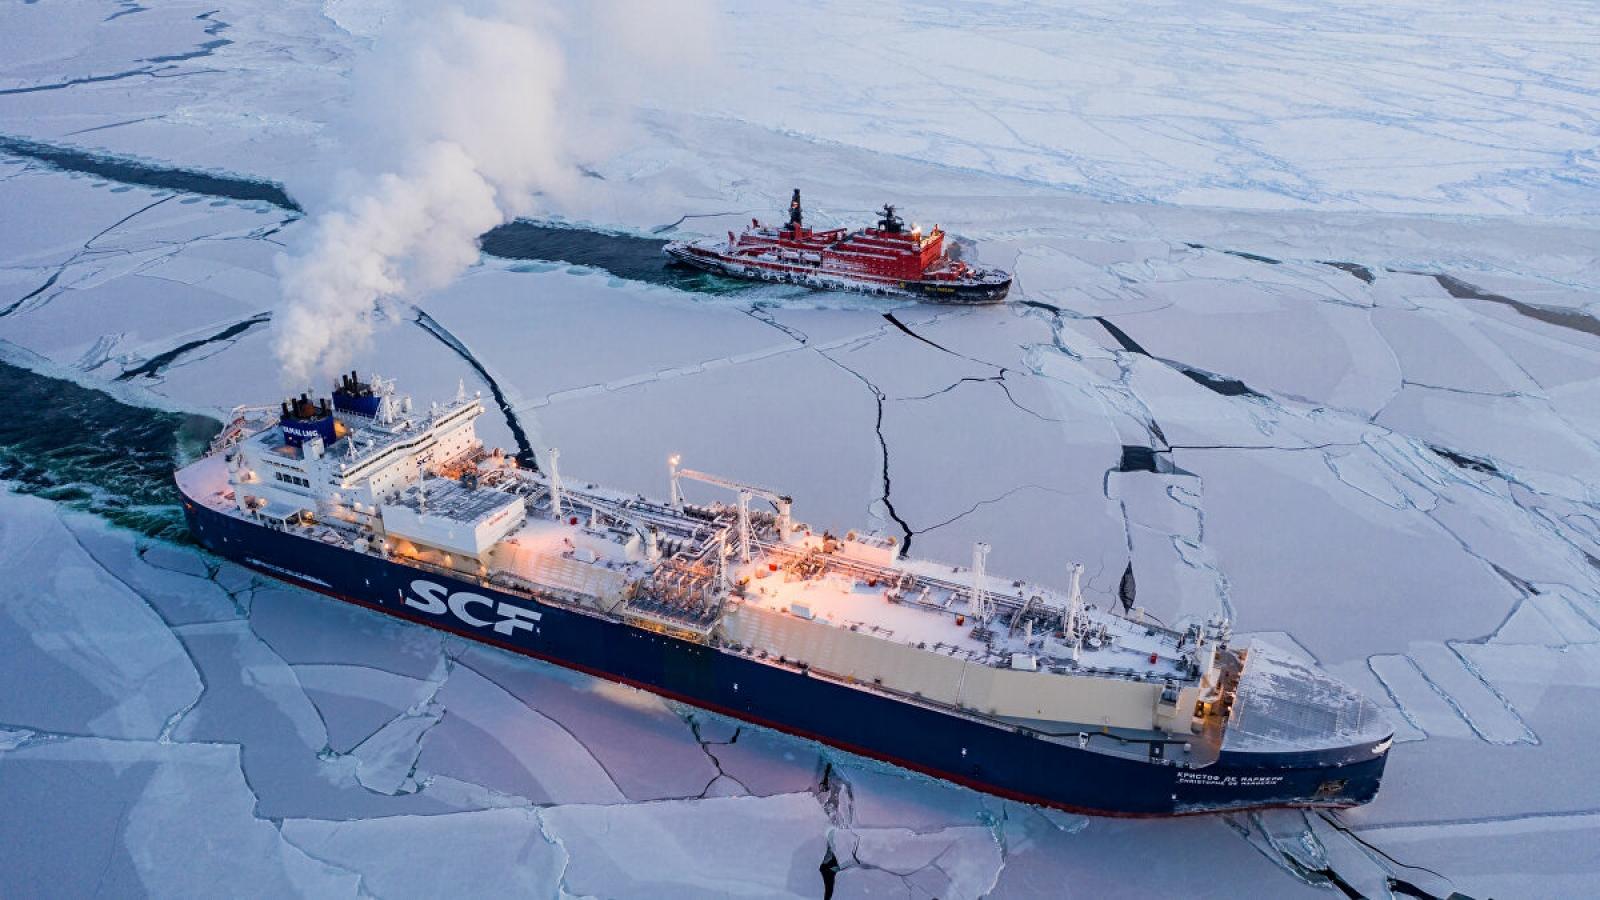 Tiềm năng vận tải qua tuyến Biển Bắc sau sự cố tàu mắc kẹt ở kênh đào Suez